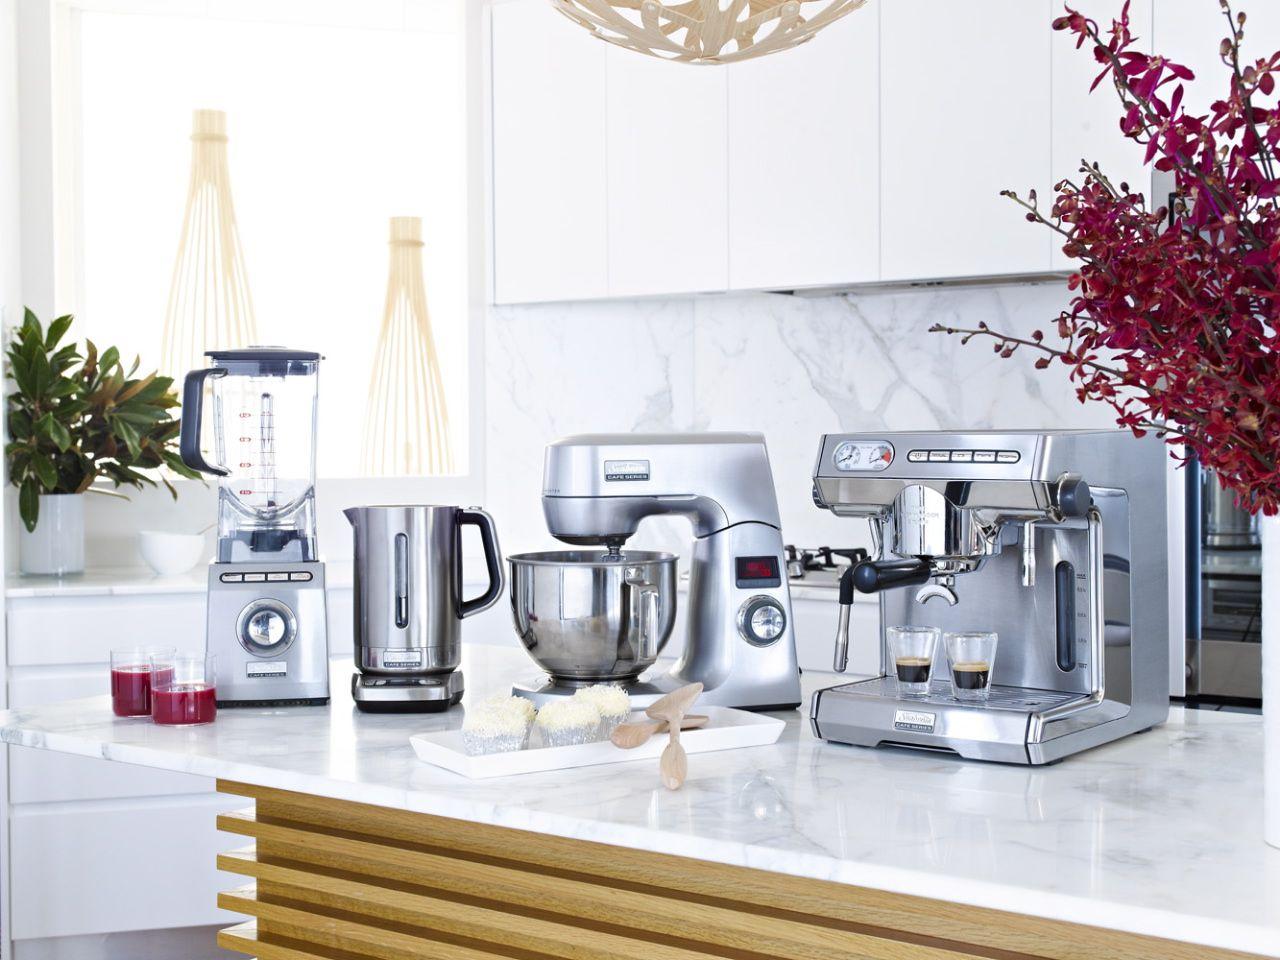 Uncategorized Sunbeam Kitchen Appliances renowned for excellent kitchen appliances sunbeam is available at status plus